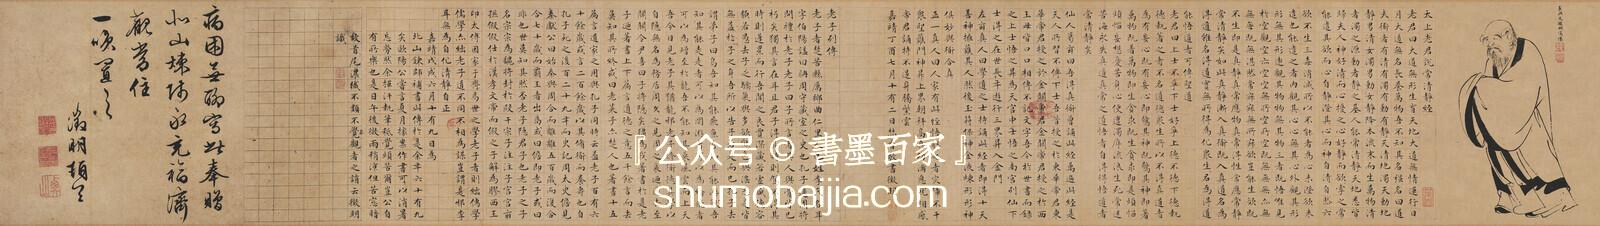 明 文徵明 小楷《太上老君说常清静经》《老子列传》卷20.9x148